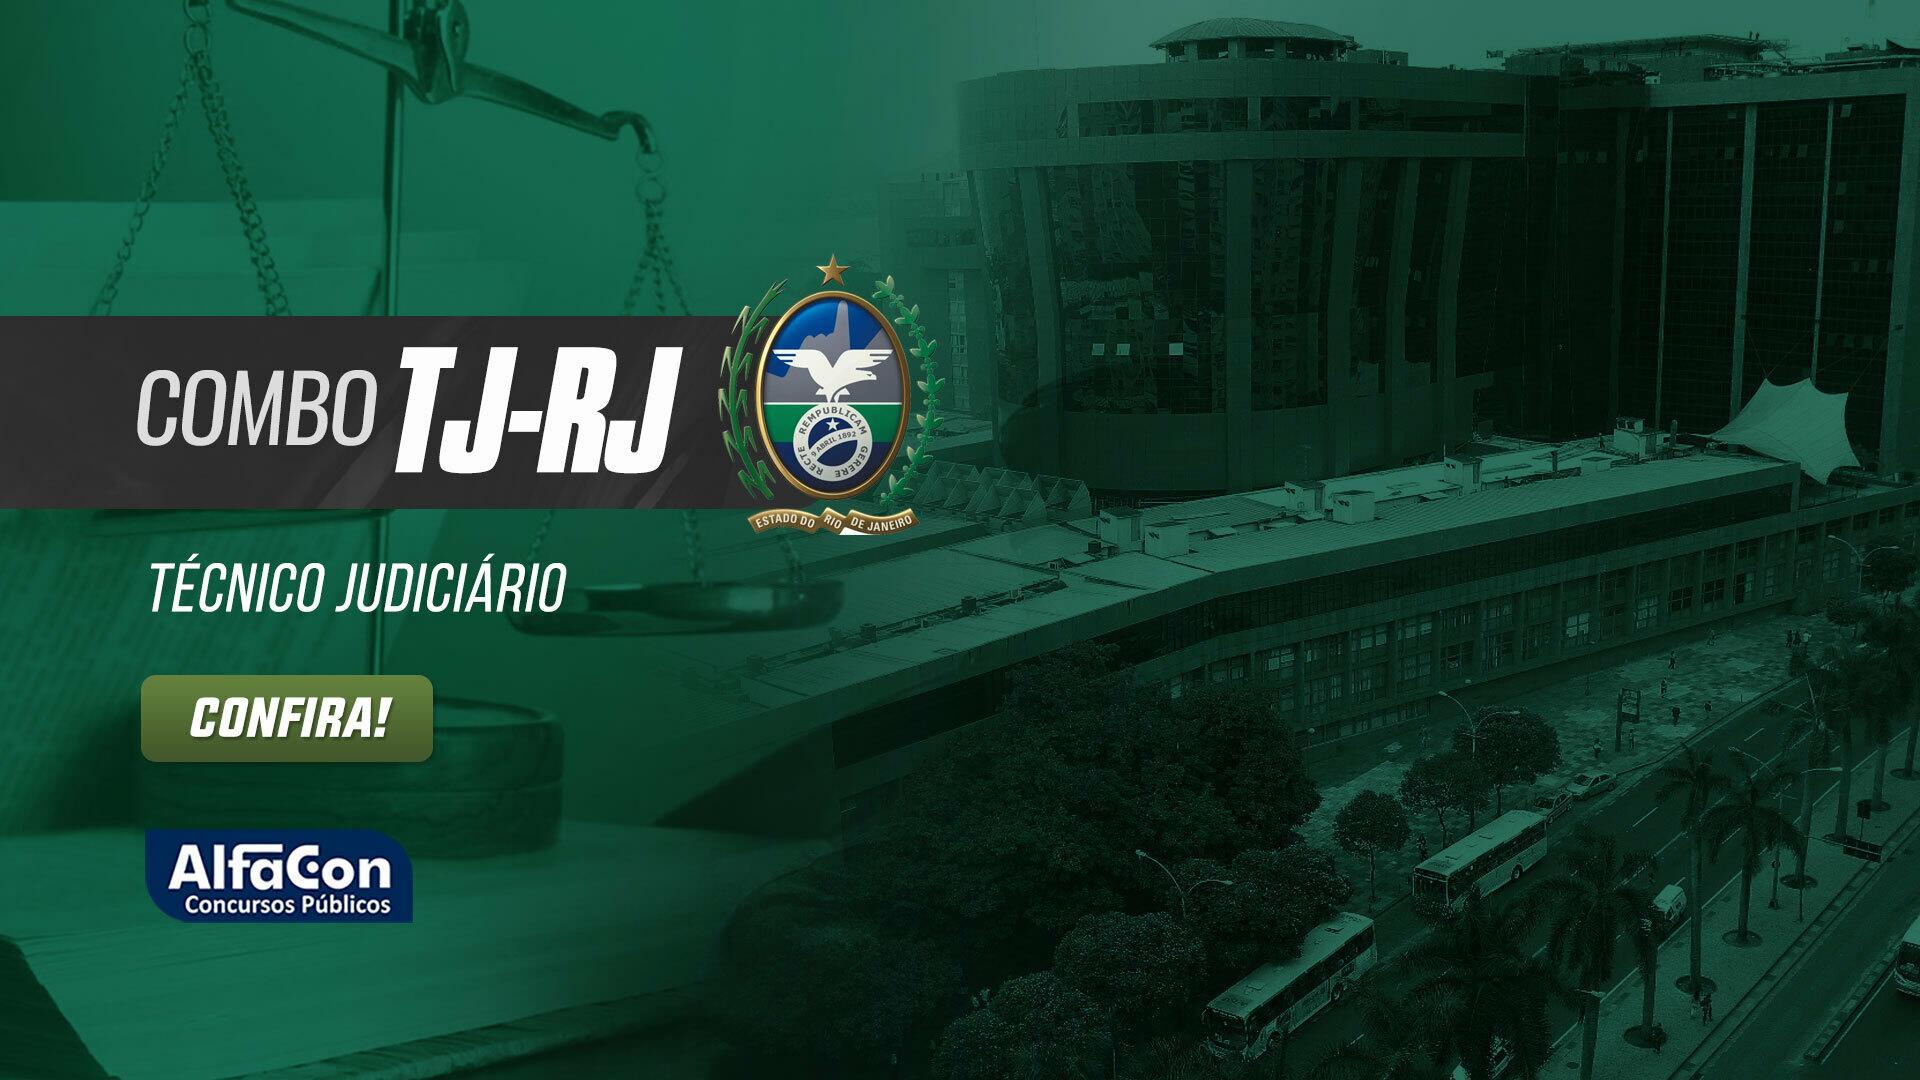 TJRJ Combo - Técnico Judiciário do Tribunal de Justiça do Rio de Janeiro